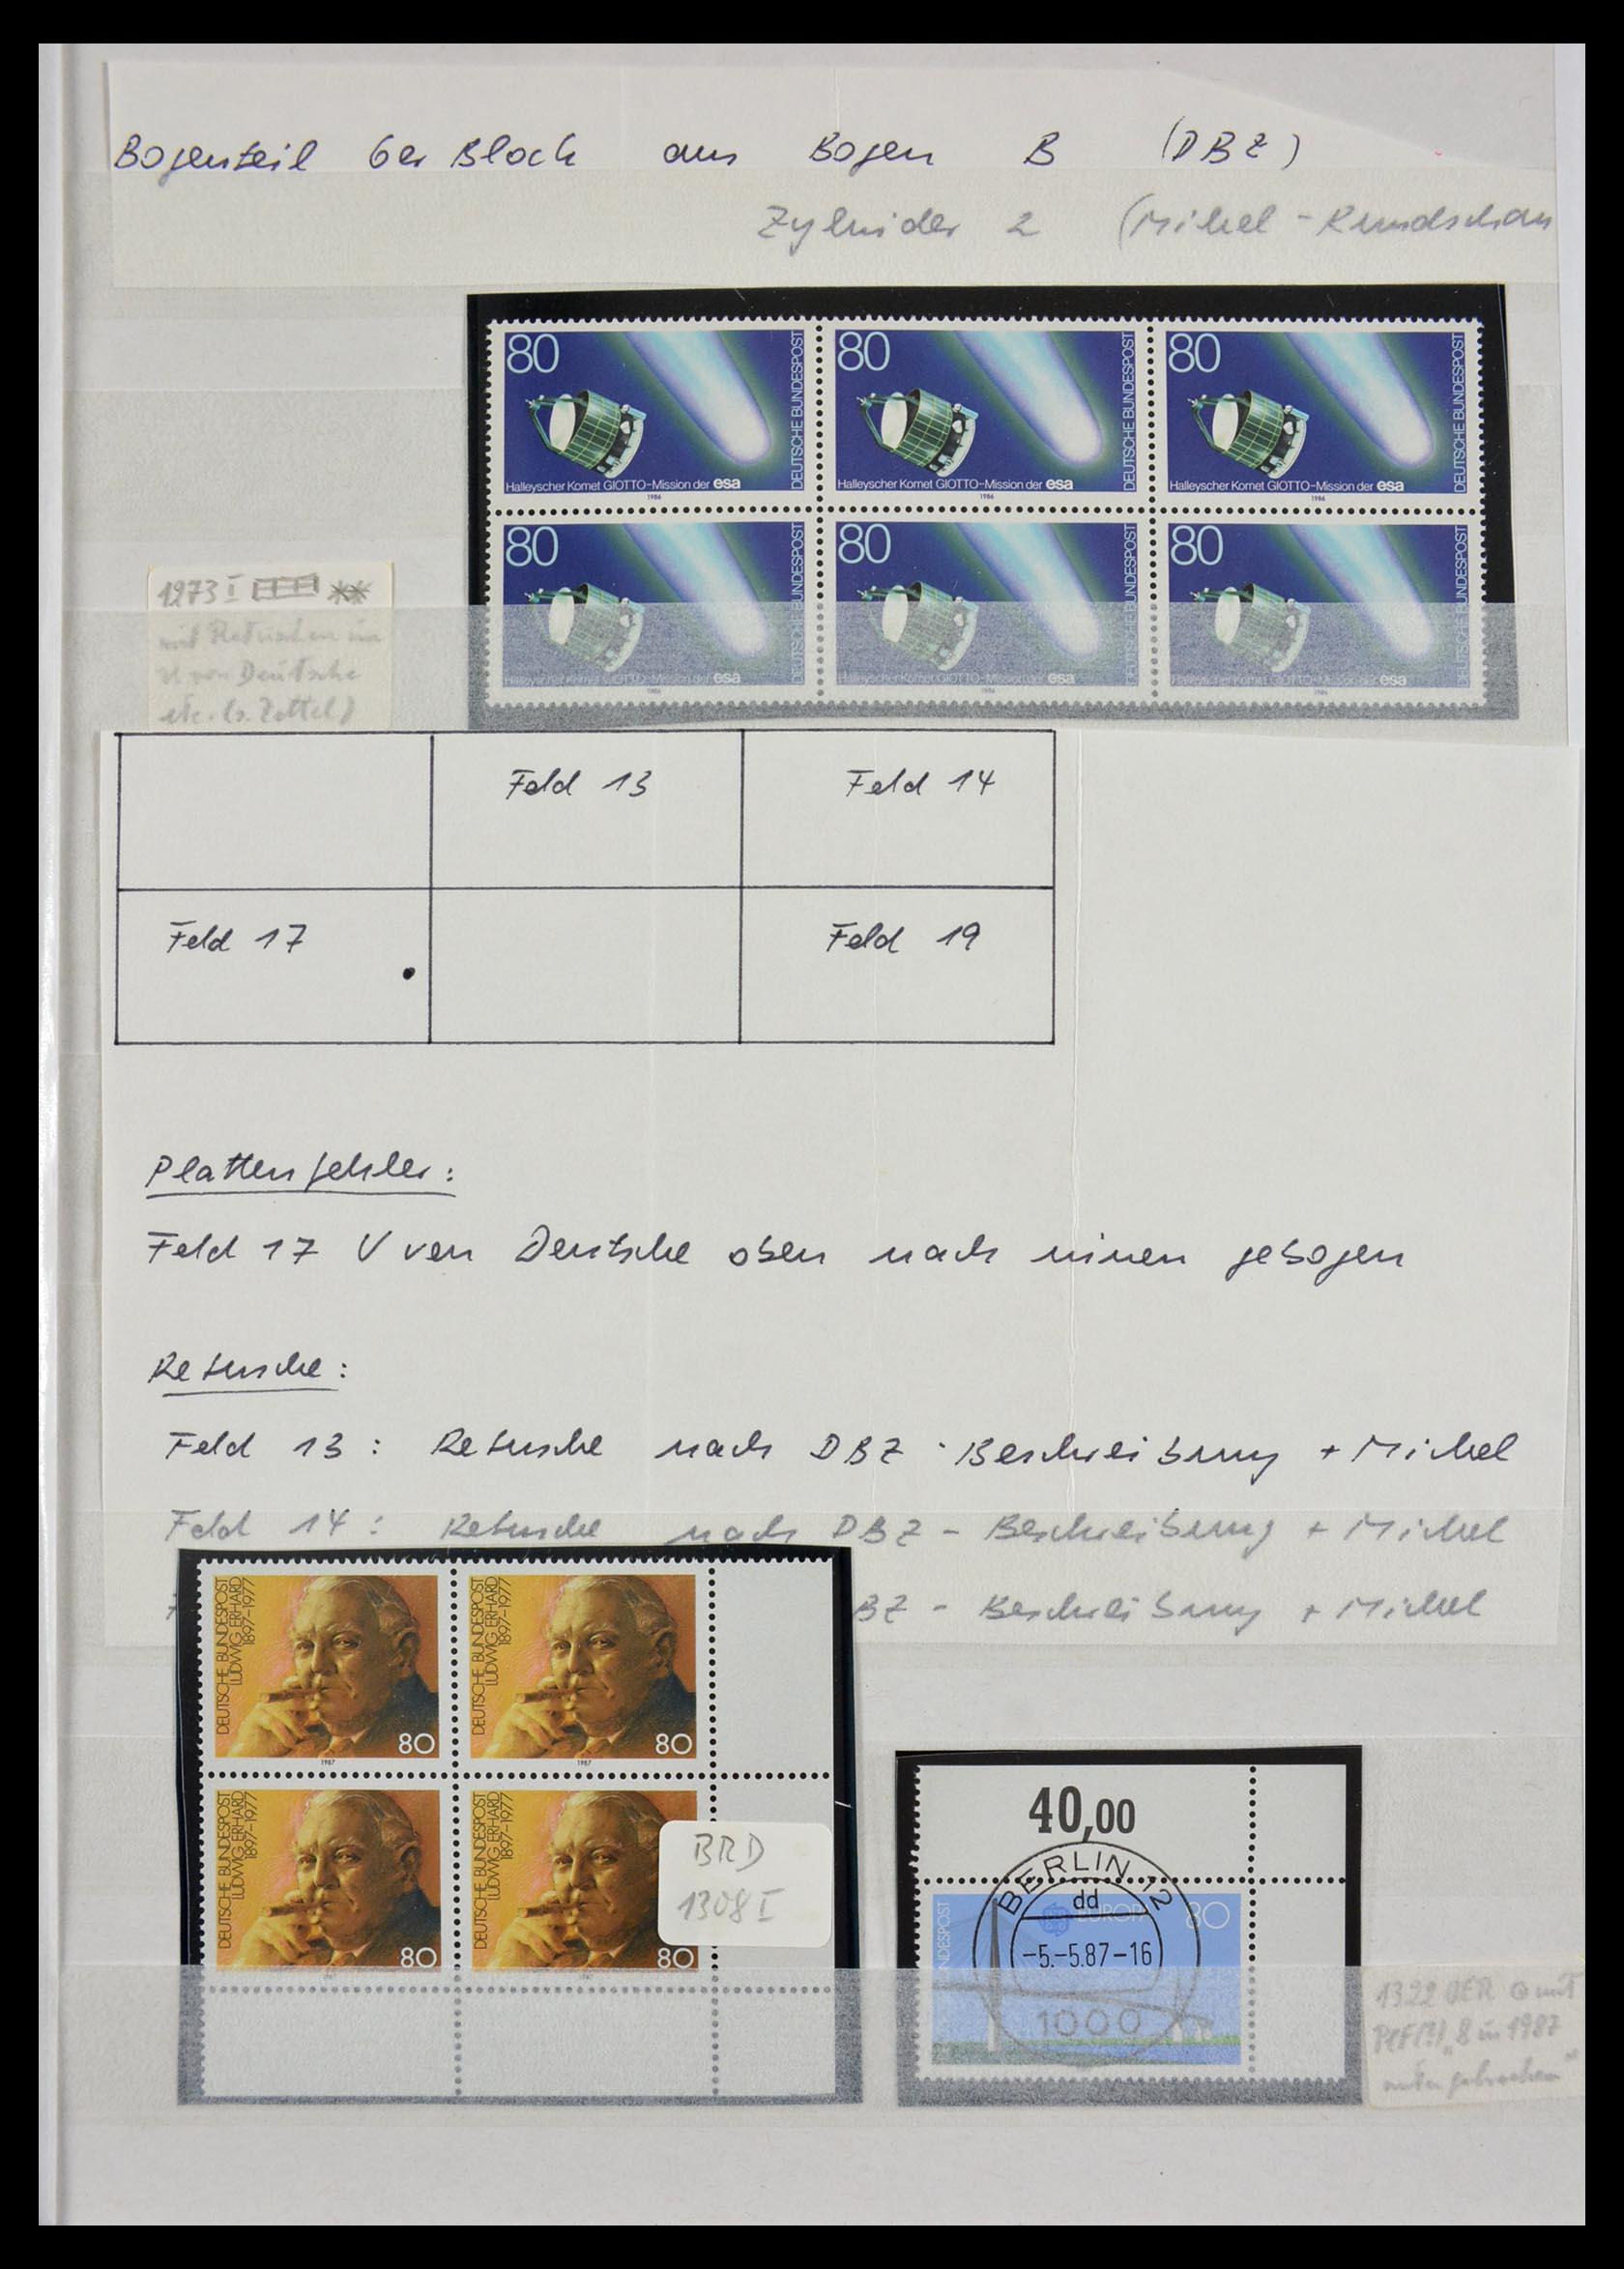 29491 011 - 29491 Bundespost plateflaws 1957-1994.